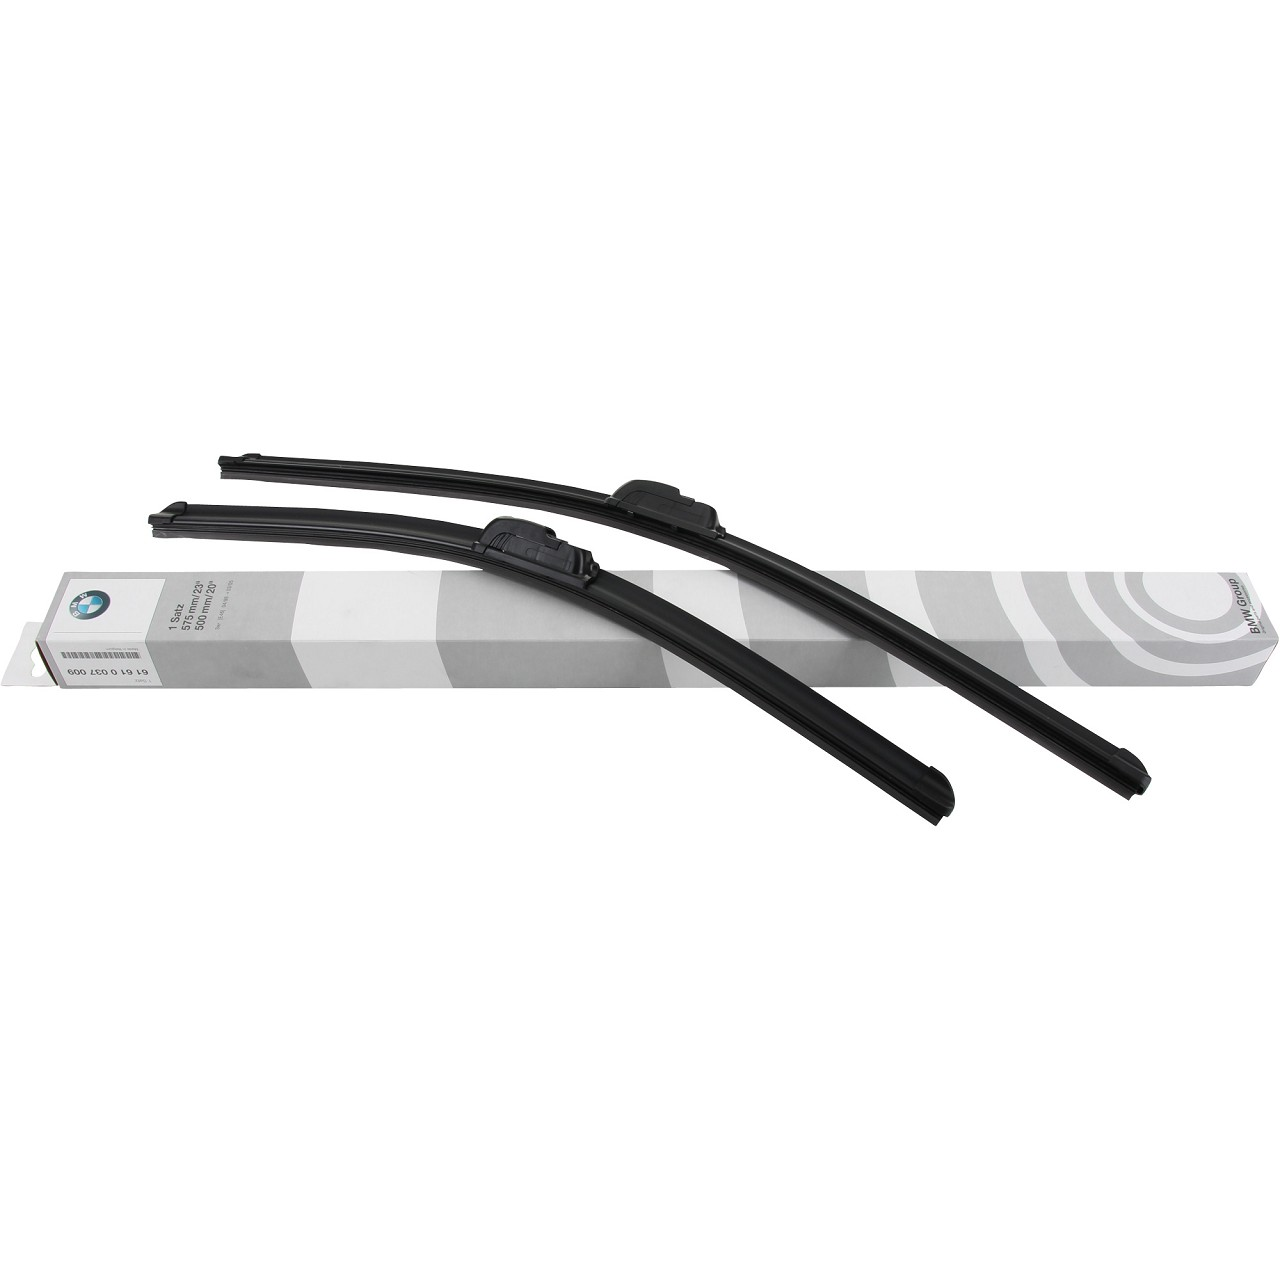 ORIGINAL BMW Scheibenwischer Wischerblätter Flex Satz 3er E46 vorne 61610037009